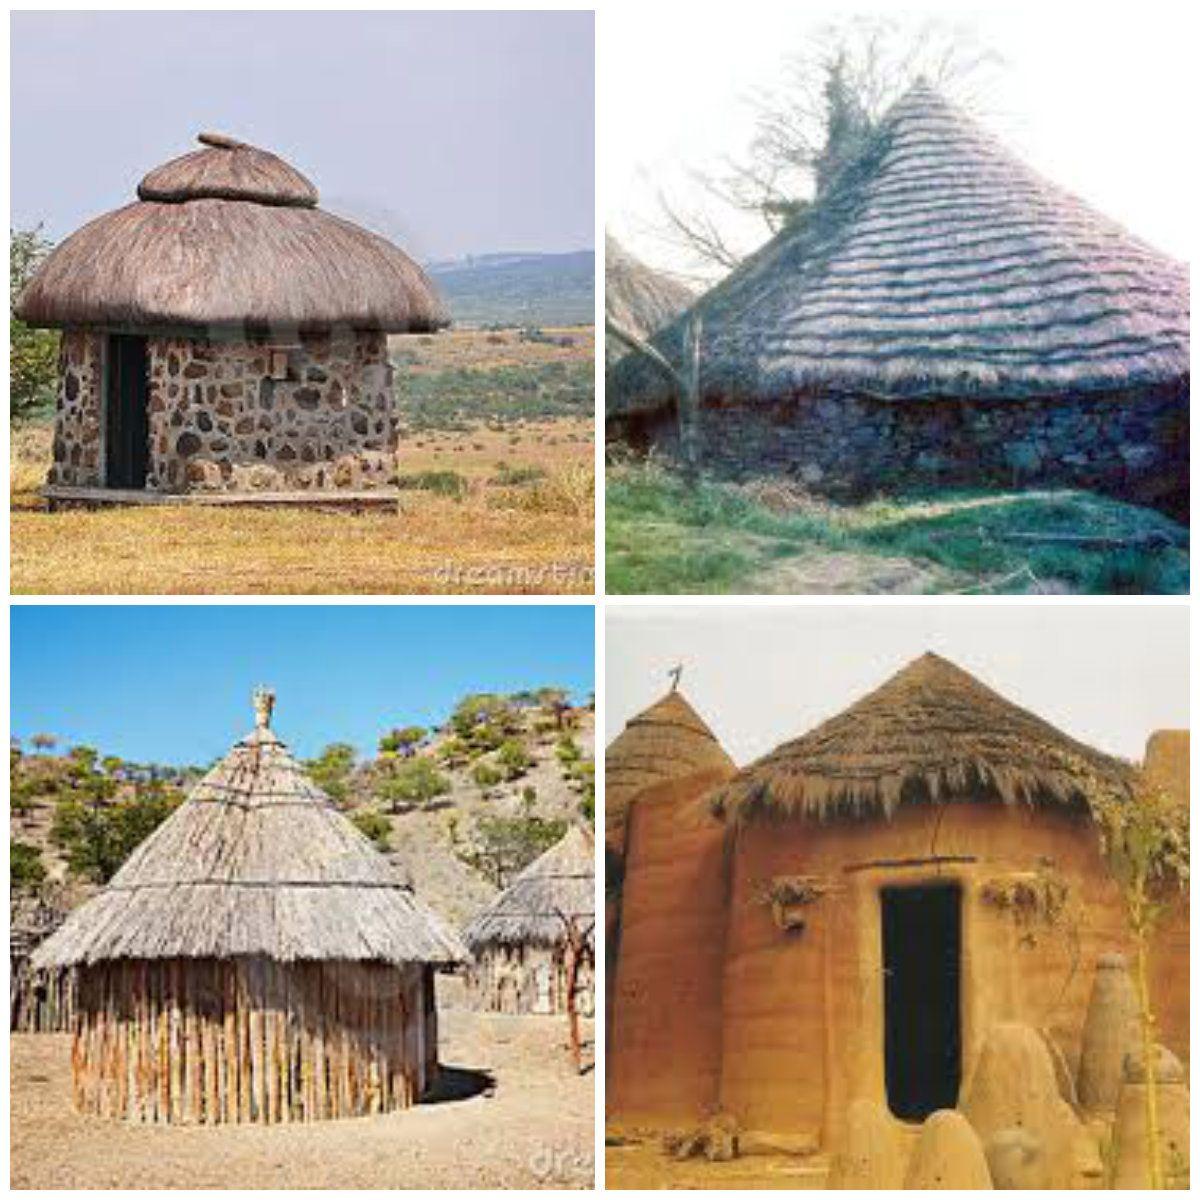 Se Puede Observar Los Diferentes Tipos De Casas Africanas